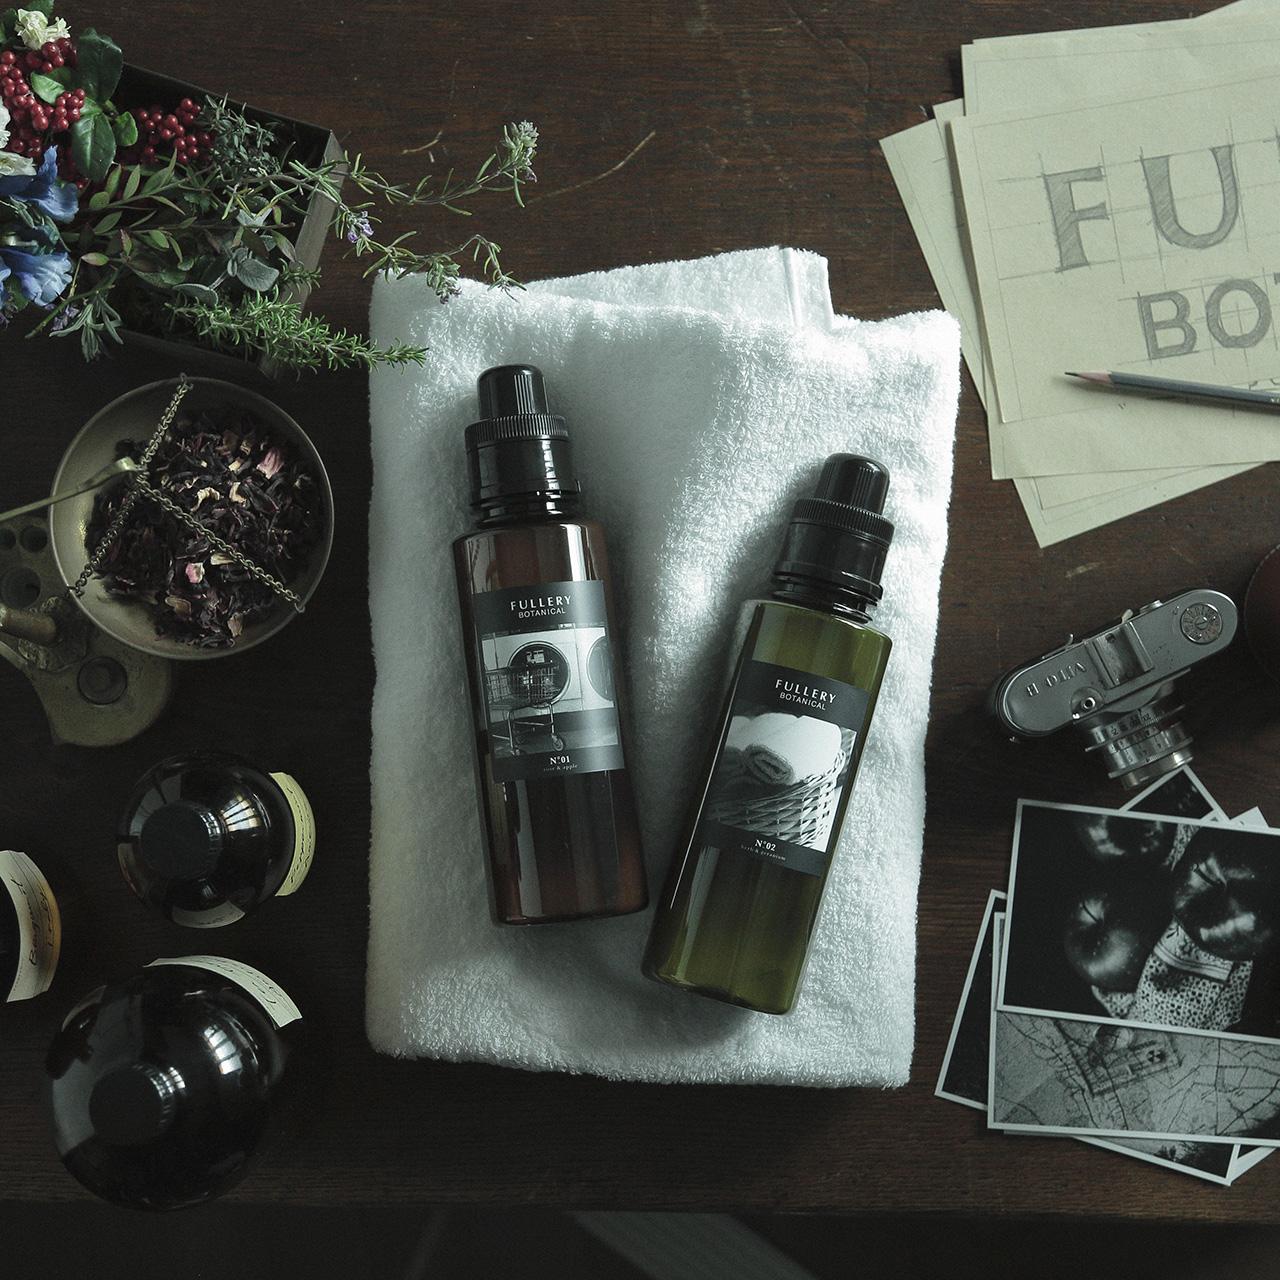 【無料モニター】新ブランド「FULLERY BOTANICAL」の柔軟剤を使いたい方募集!